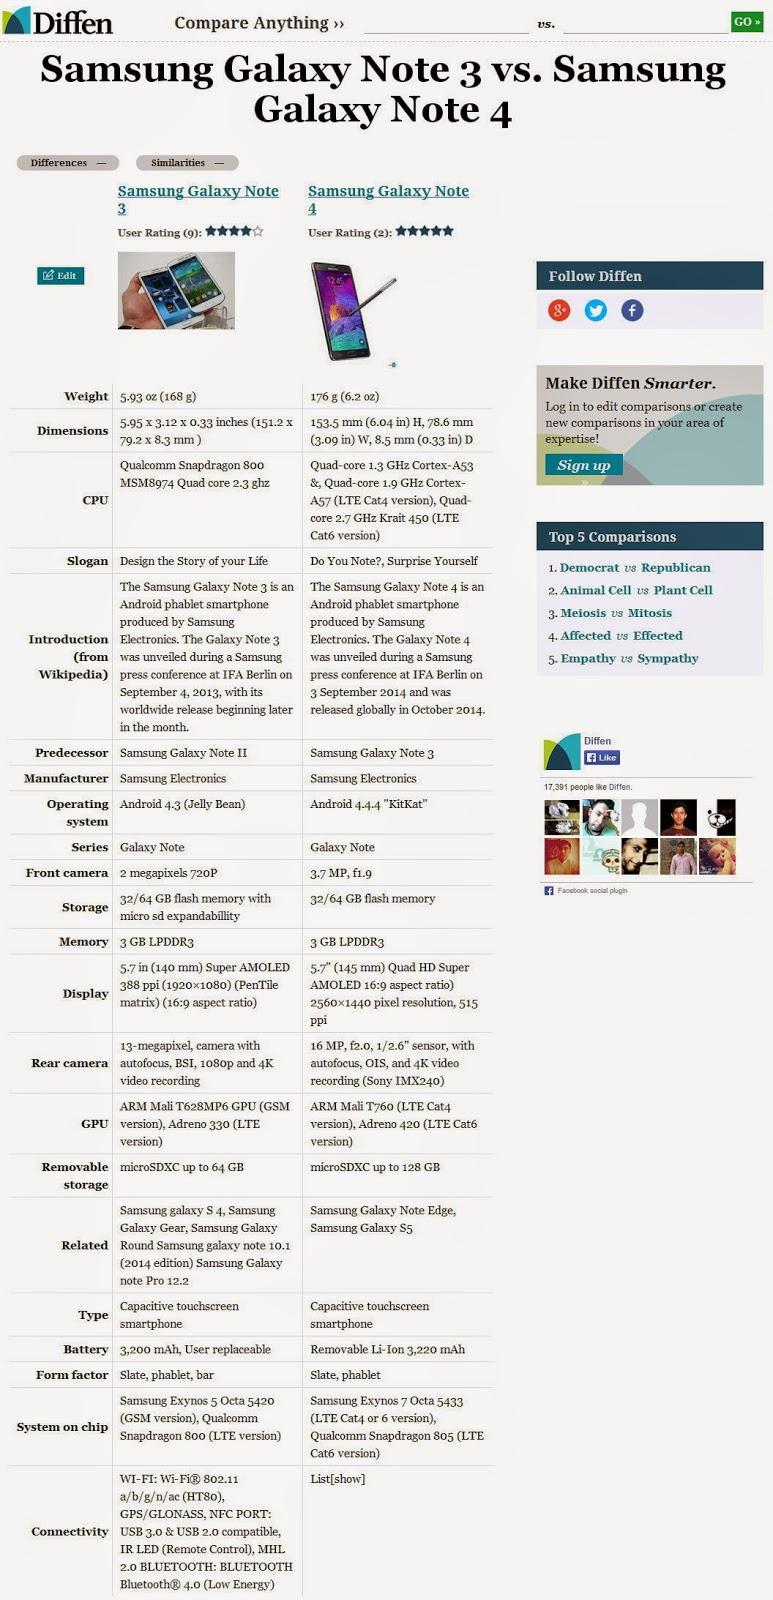 مقارنة بين Samsung Galaxy Note 4 و Samsung Galaxy Note 3